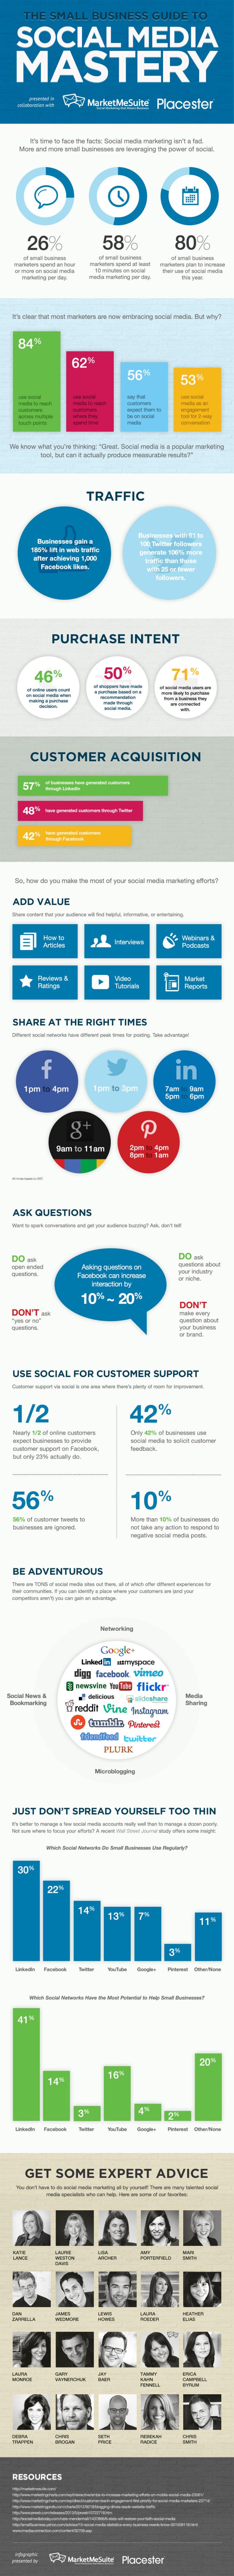 PME suisse romande - Guide medias sociaux